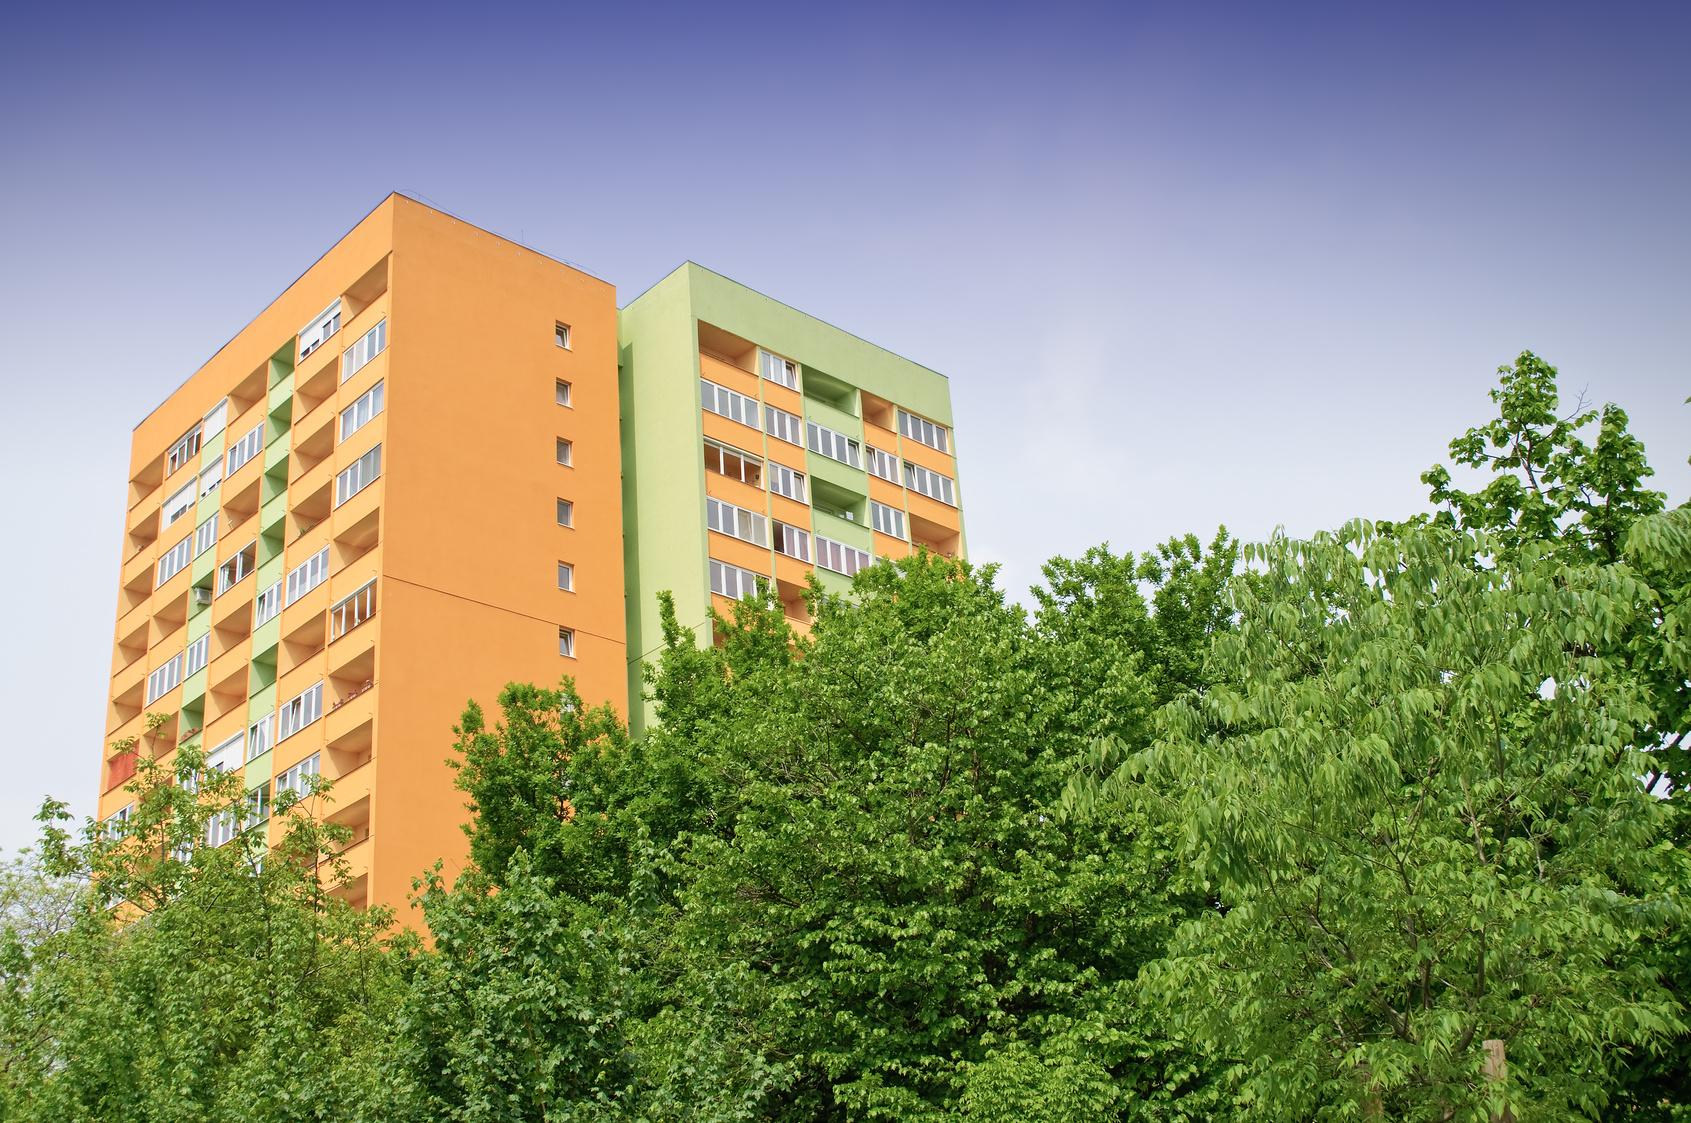 3 milliards d'euros pour le logement social et la rénovation énergétique